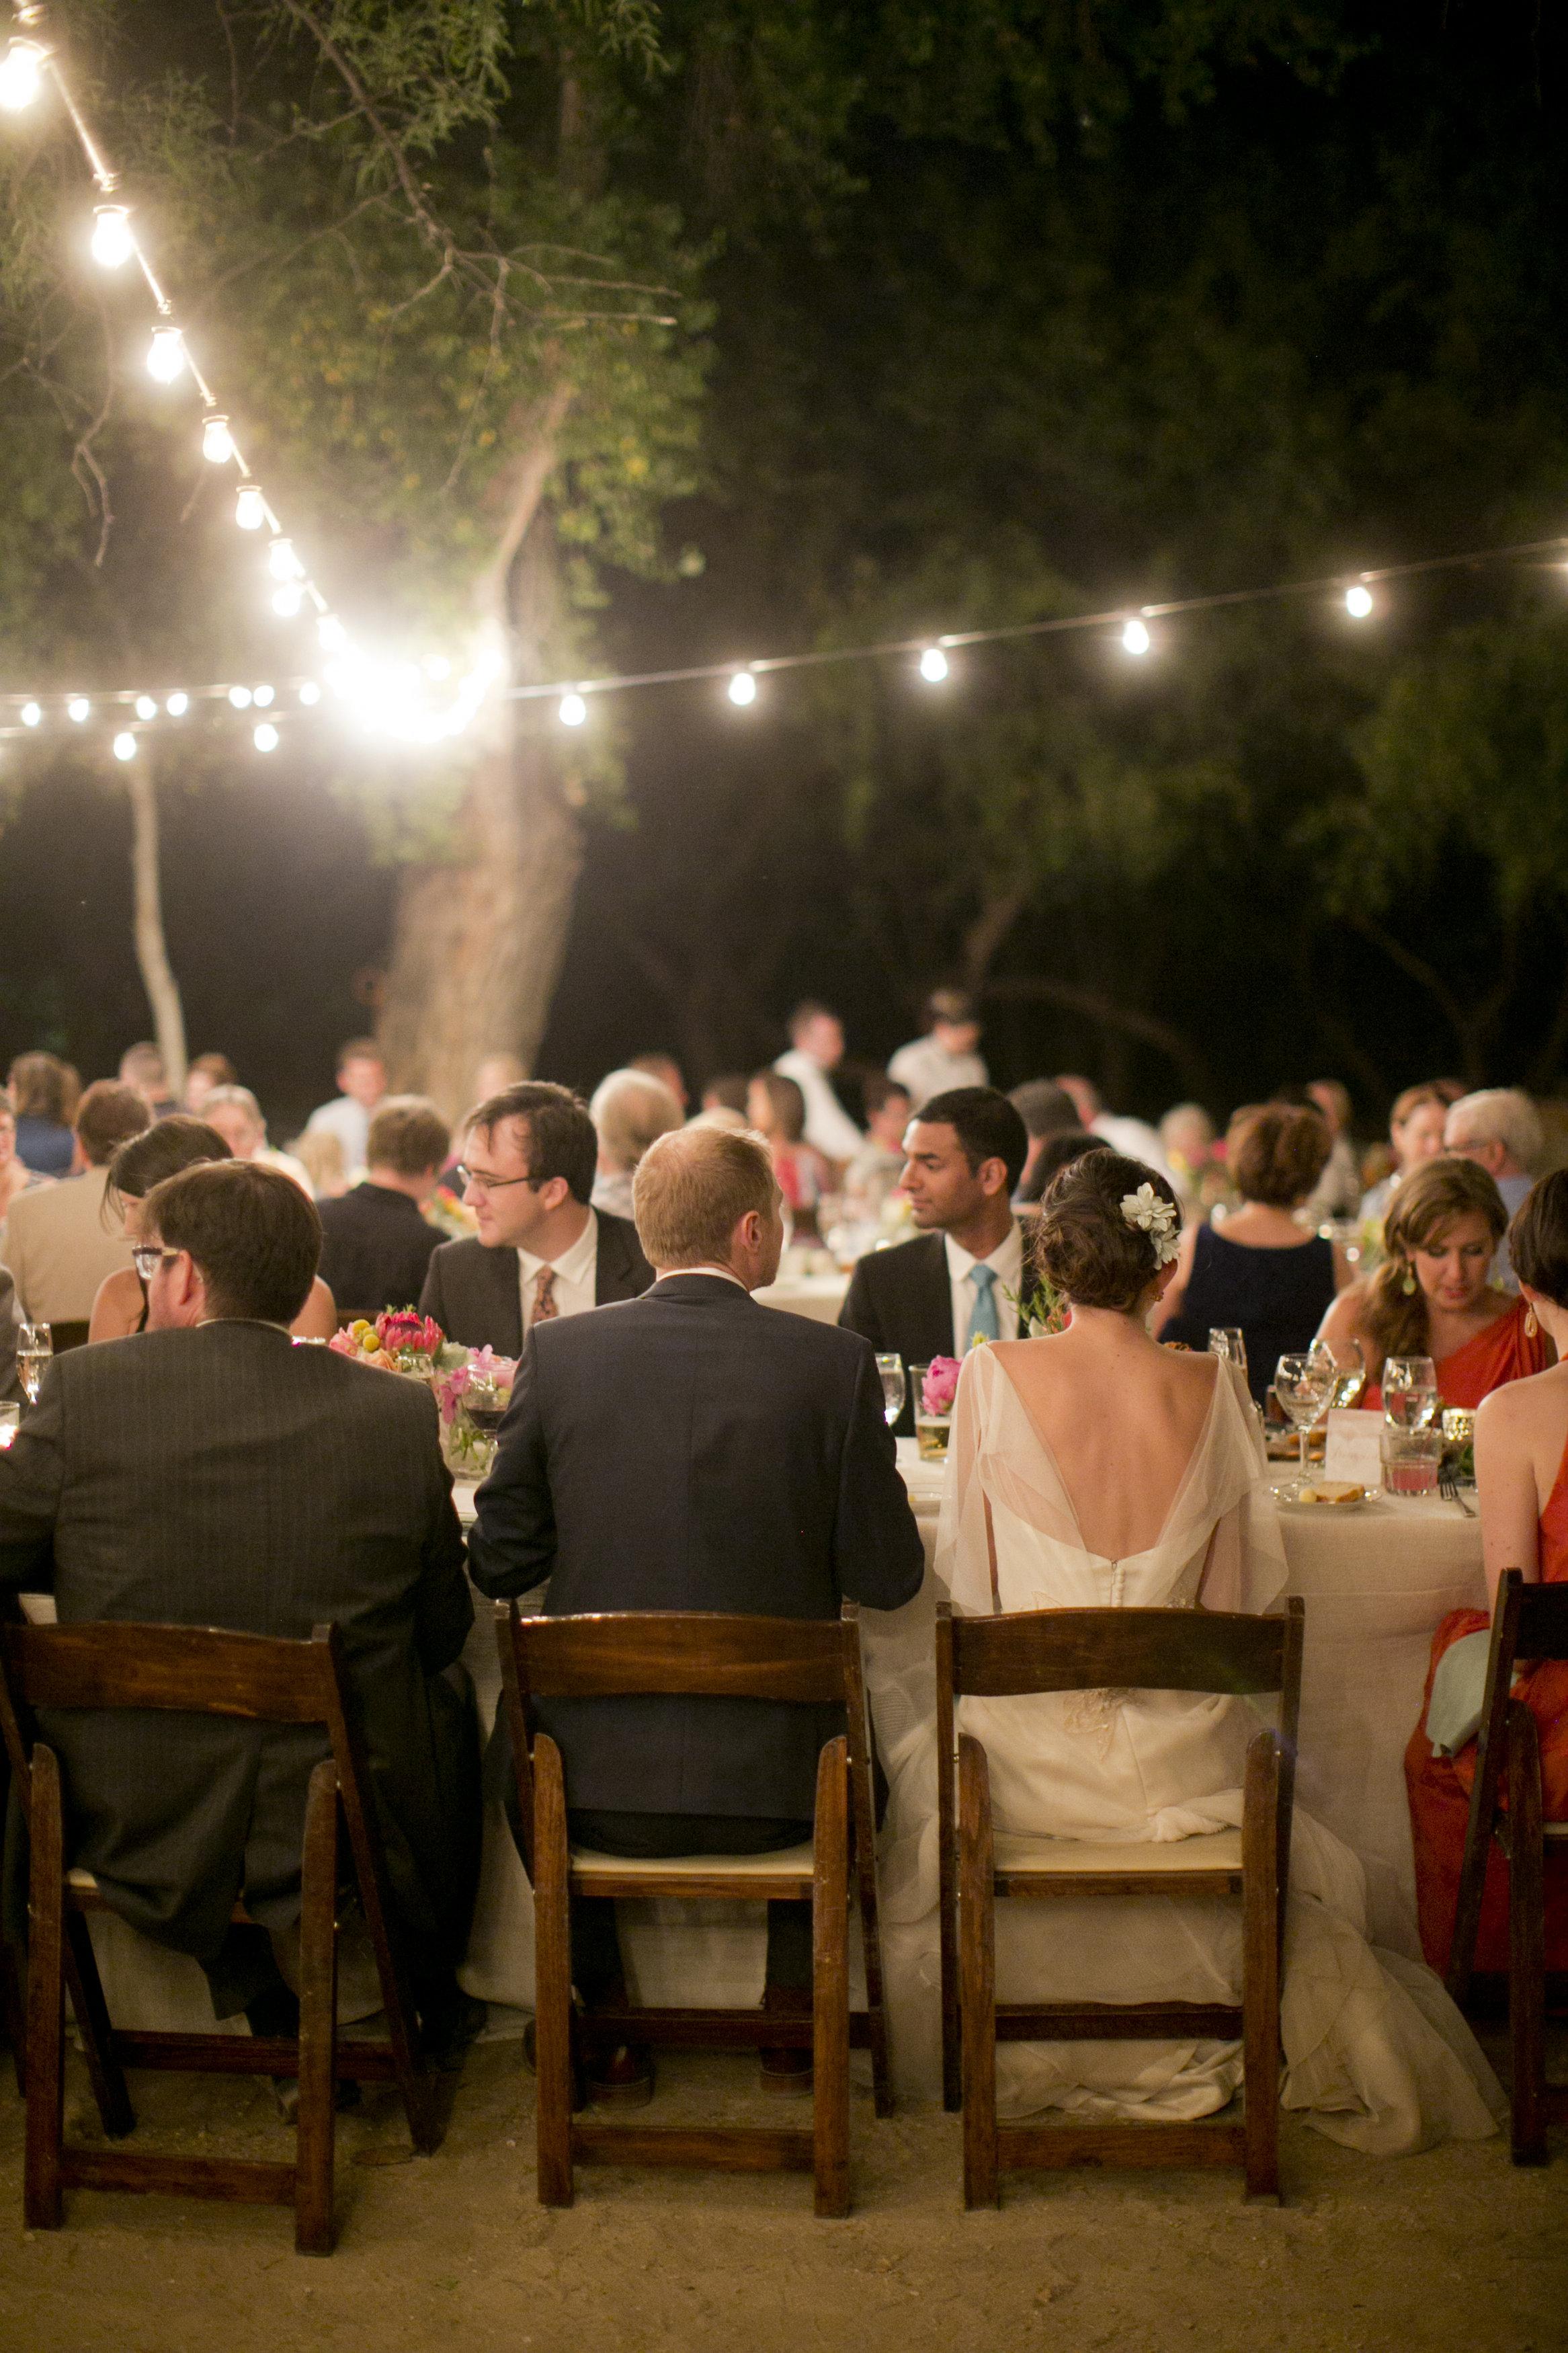 Ceci_New_York_Ceci_Style_Ceci_Johnson_Luxury_Lifestyle_Arizona_Wedding_Watercolor_Inspiration_Design_Custom_Couture_Personalized_Invitations_193.jpg